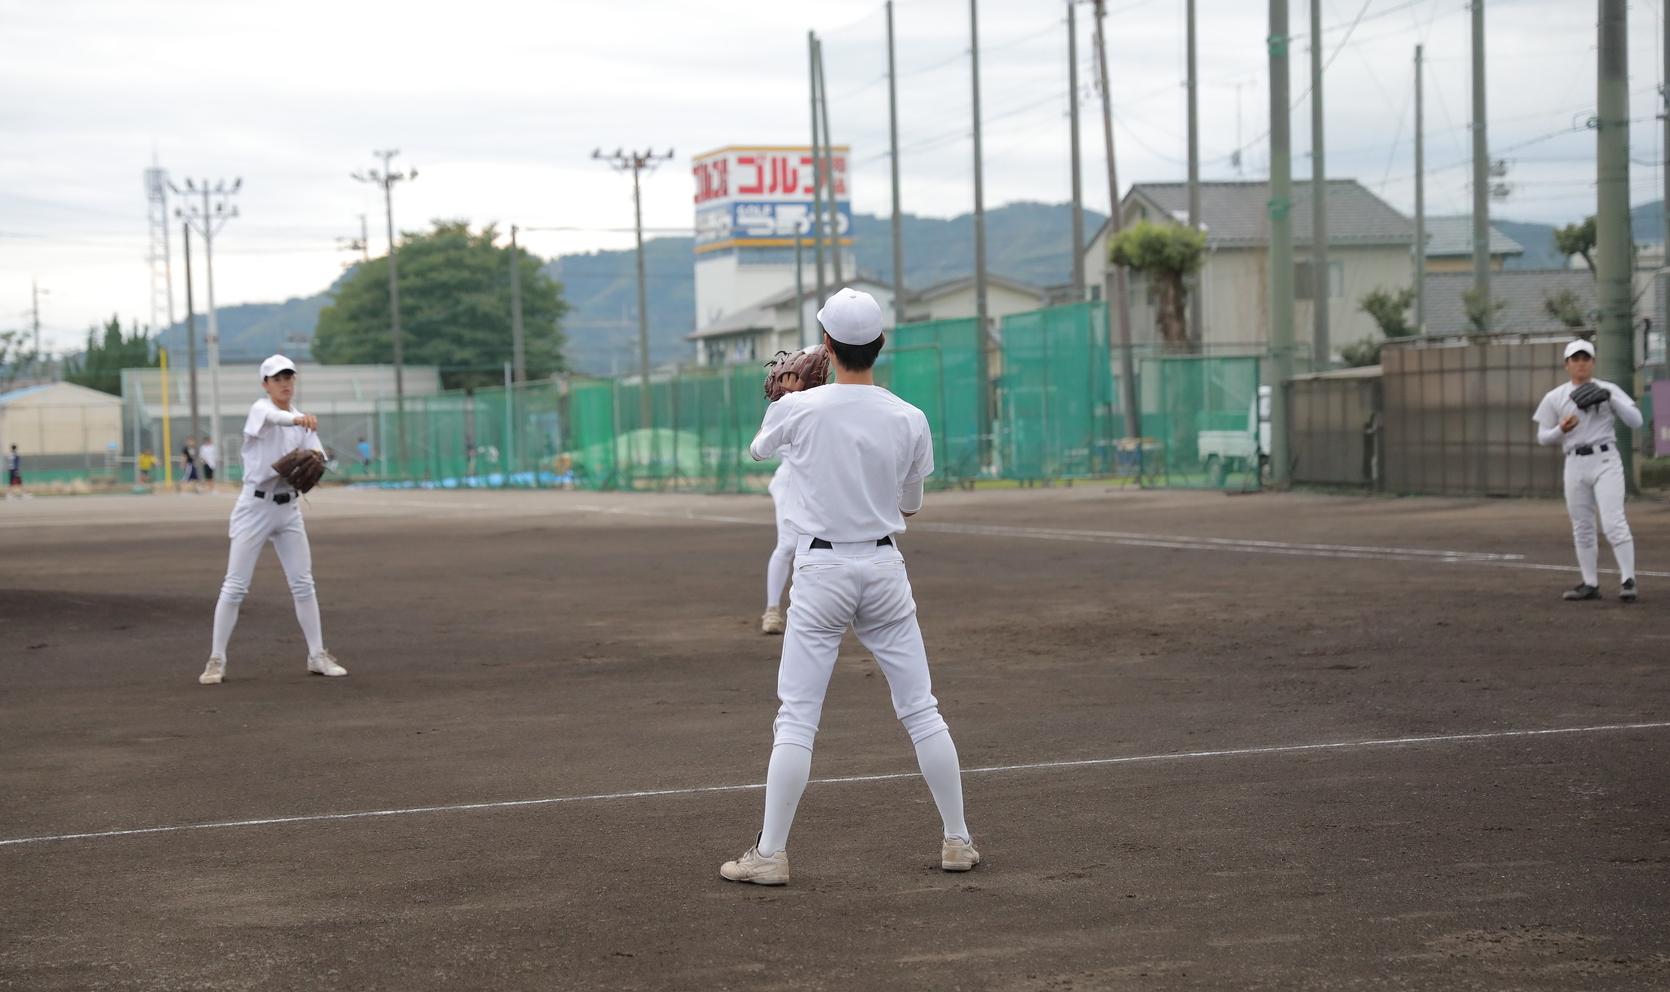 【清水東】『短時間で集中する』コラム #清水東